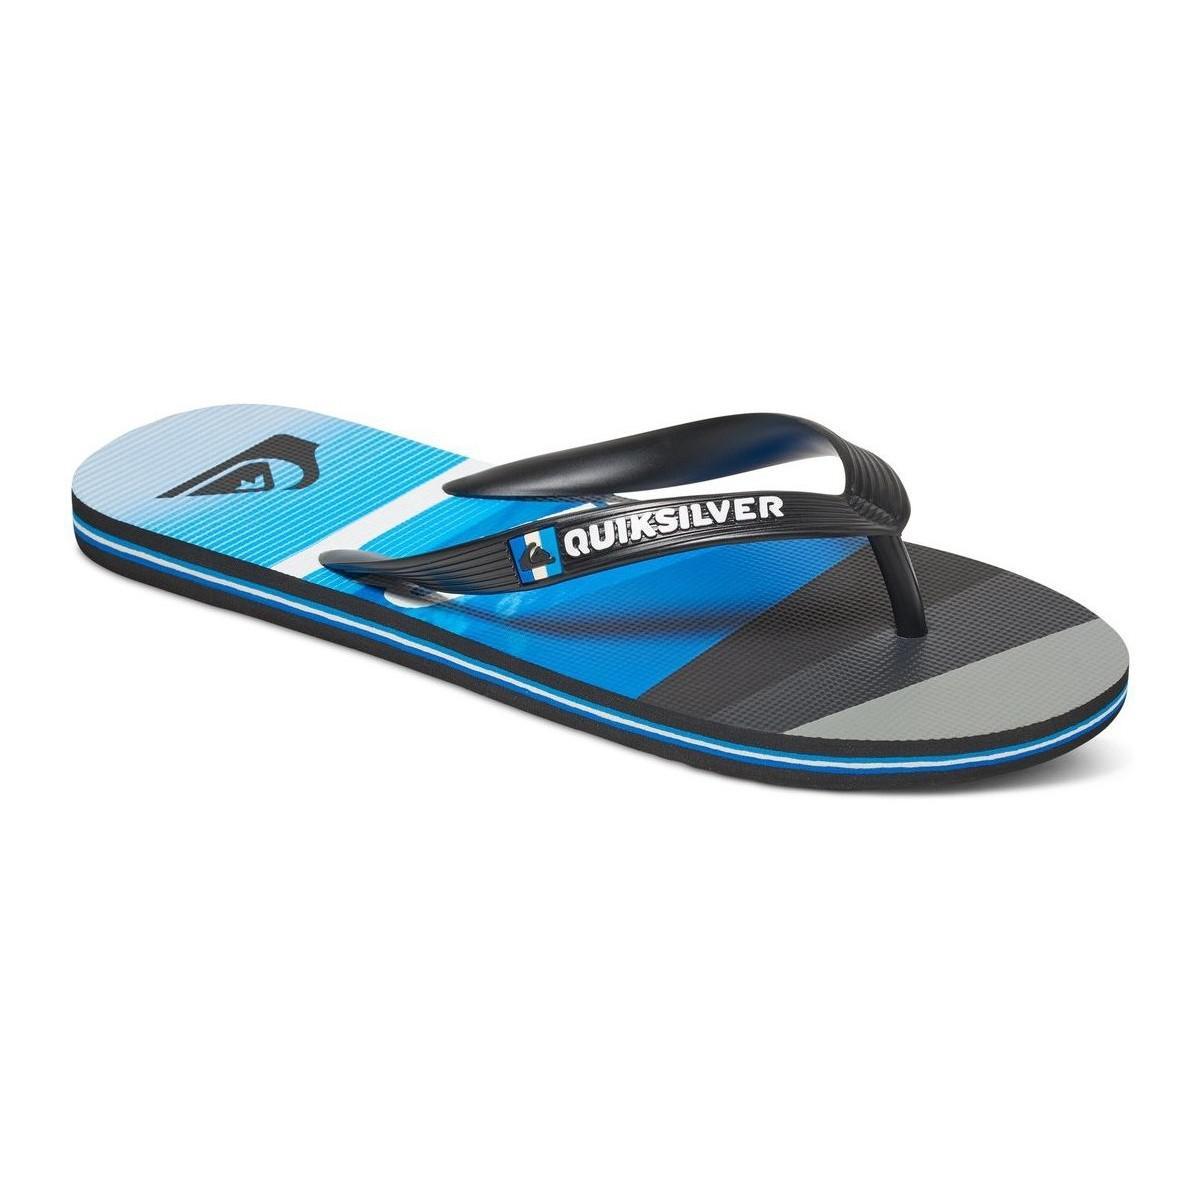 547f049c2 quiksilver-blue-Molokai-Slash-Logo-Chancletas-Mens-Flip-Flops-Sandals -shoes-In-Blue.jpeg